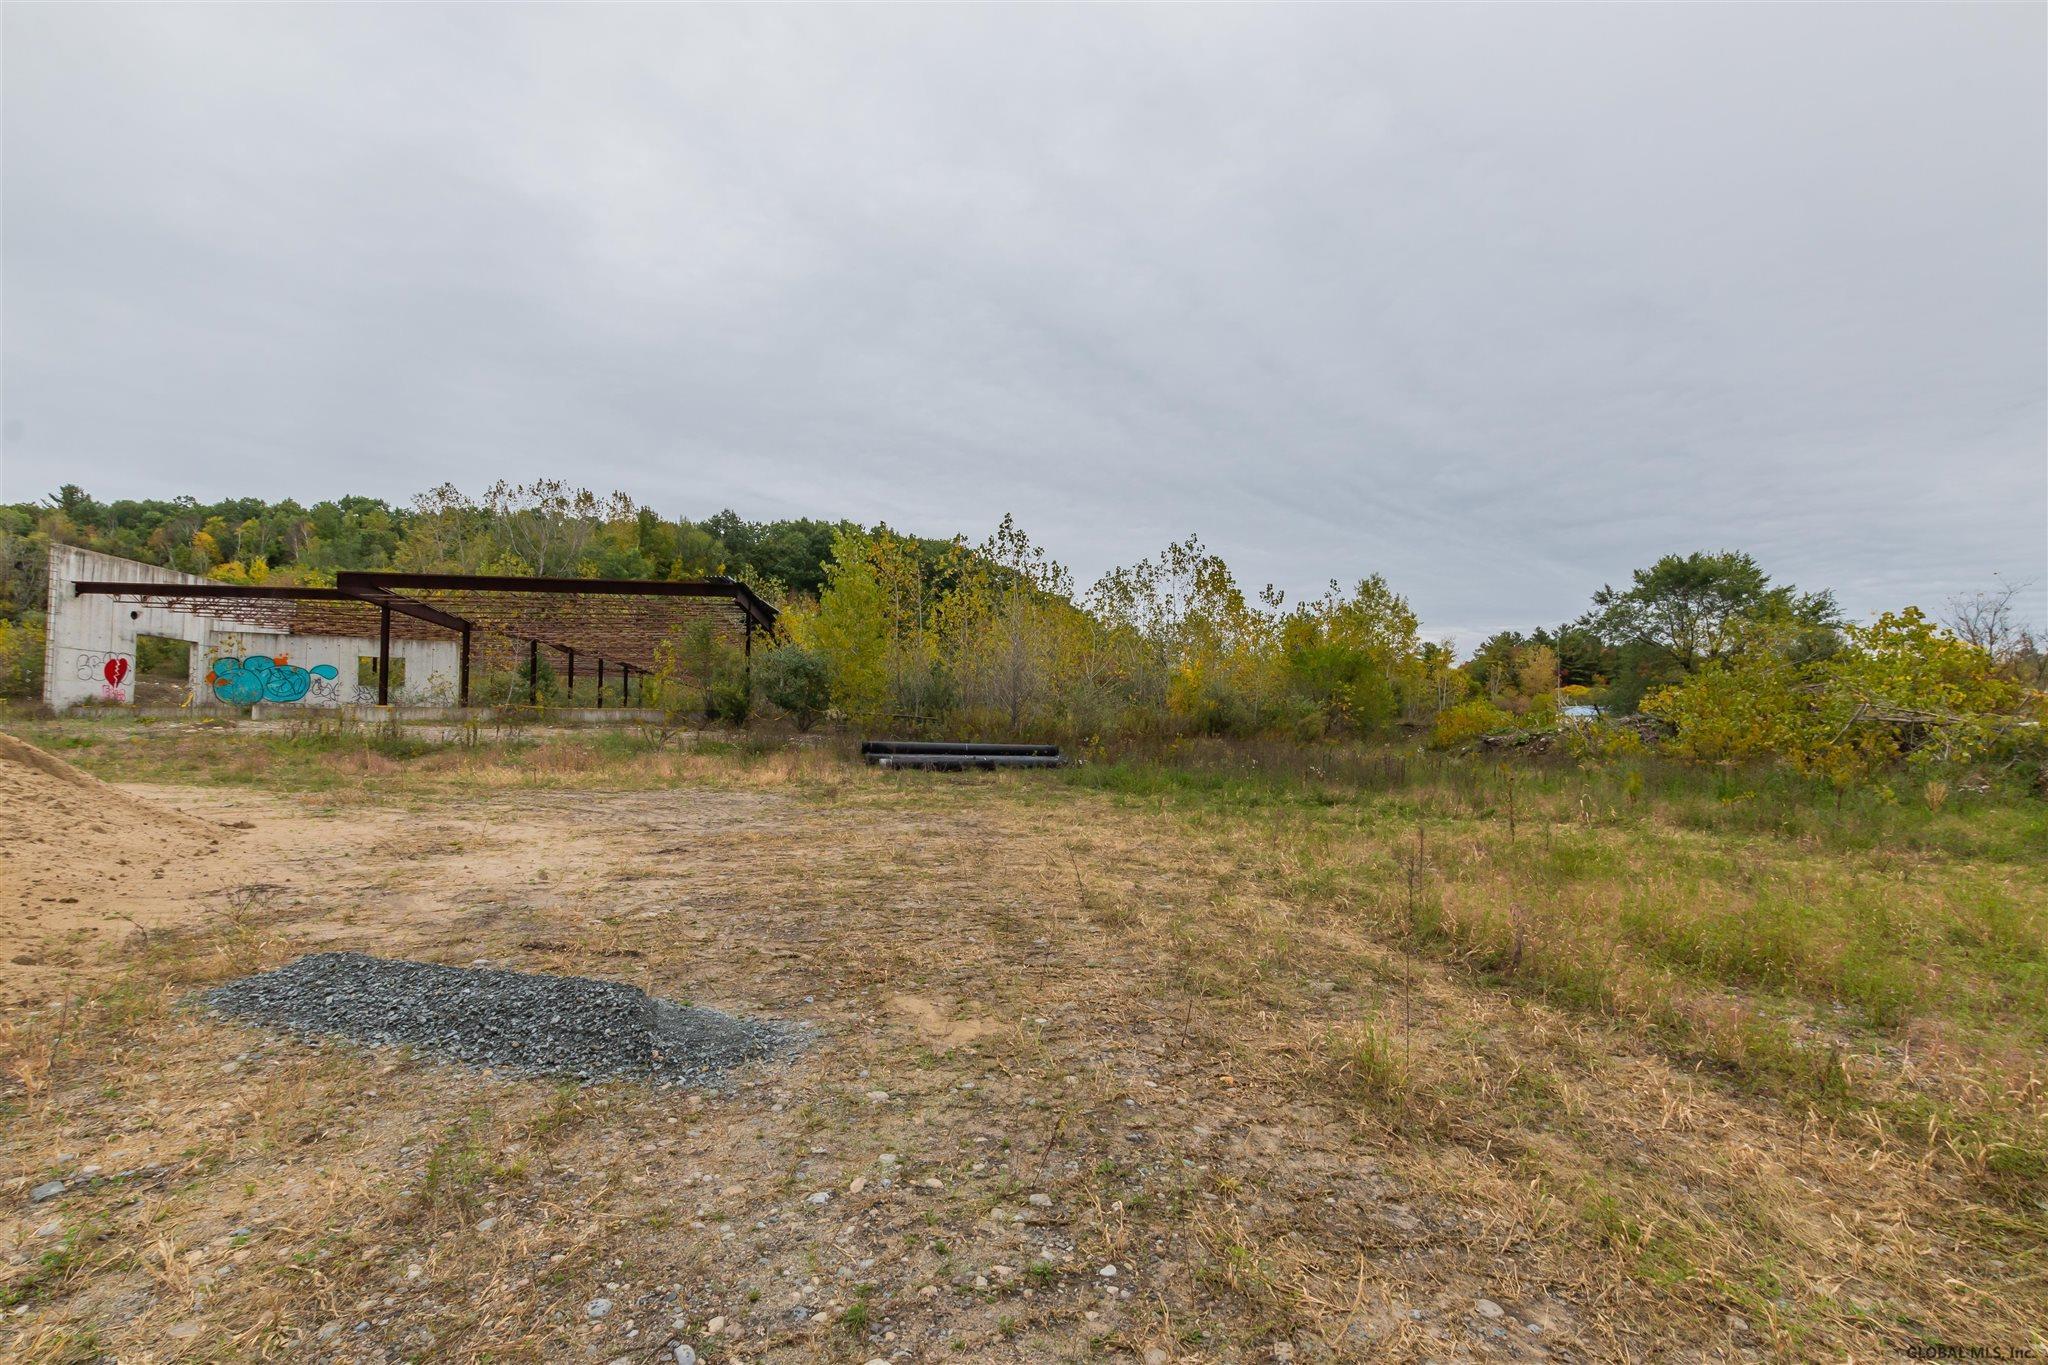 Gloversville image 16